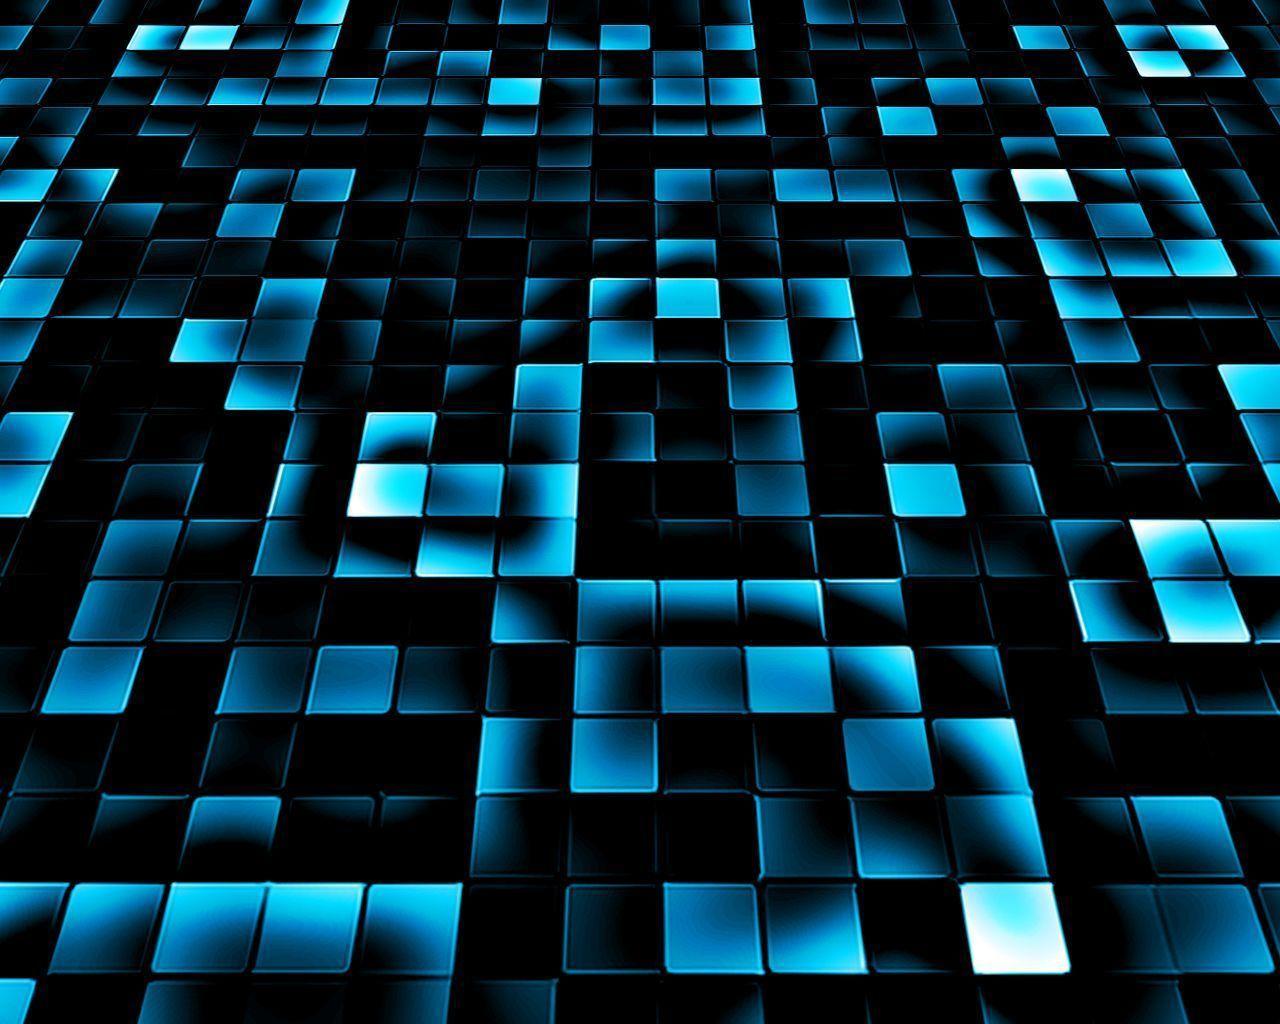 black hi tech wallpaper hd - photo #18